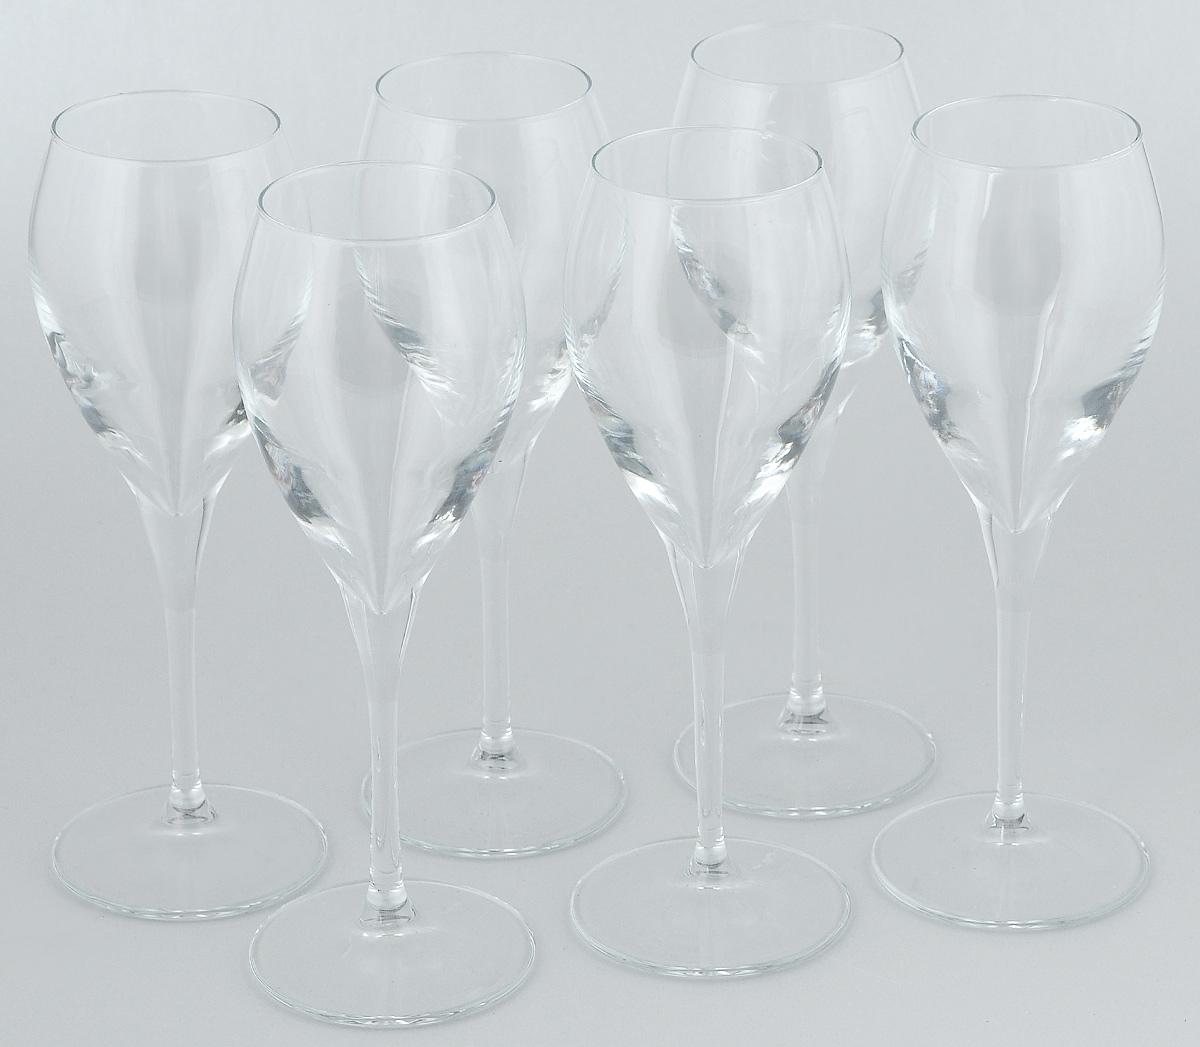 Набор бокалов для вина Pasabahce Monte Carlo, 260 мл, 6 шт440090BНабор Pasabahce Monte Carlo состоит из шести бокалов, выполненных из прочного натрий-кальций-силикатного стекла. Изделия оснащены высокими ножками и предназначены для подачи вина. Они сочетают в себе элегантный дизайн и функциональность. Набор бокалов Pasabahce Monte Carlo прекрасно оформит праздничный стол и создаст приятную атмосферу за романтическим ужином. Такой набор также станет хорошим подарком к любому случаю.